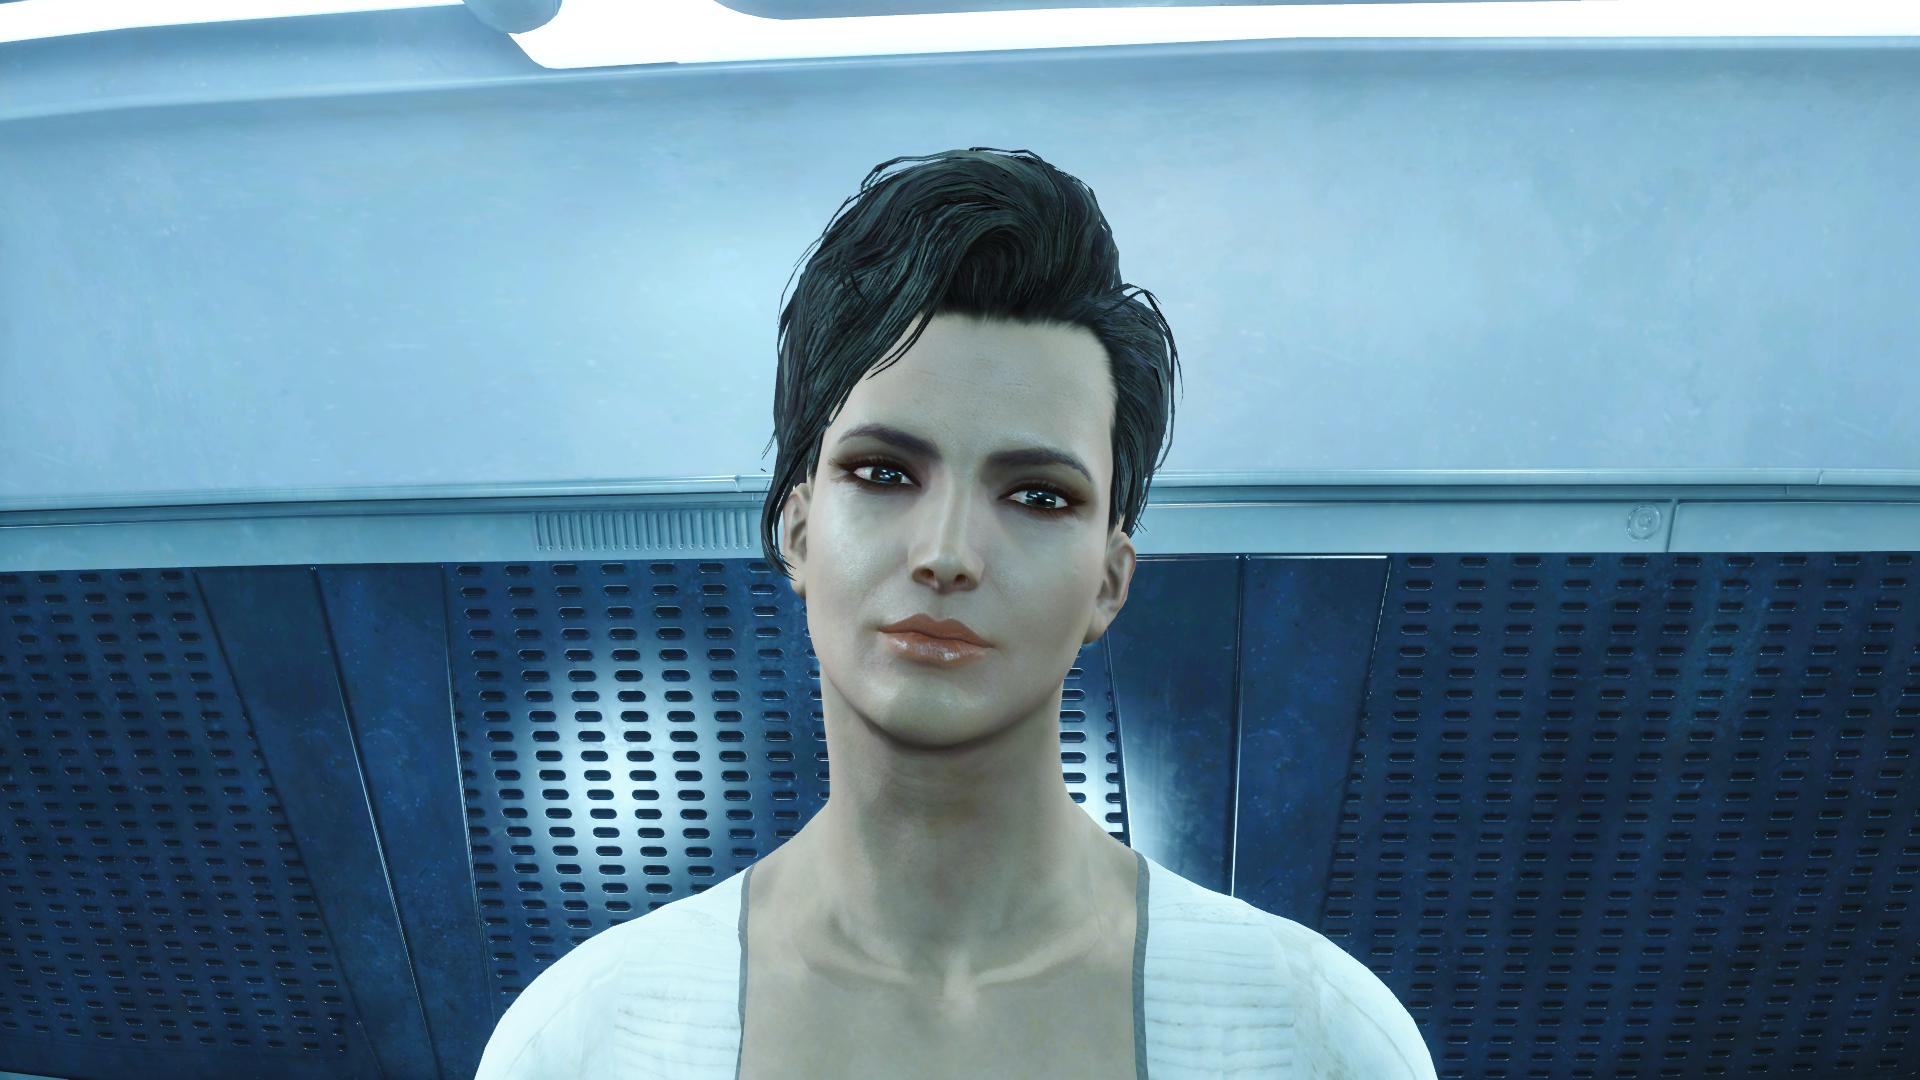 Мой пресет лица Нора Вдохновение - Fallout 4